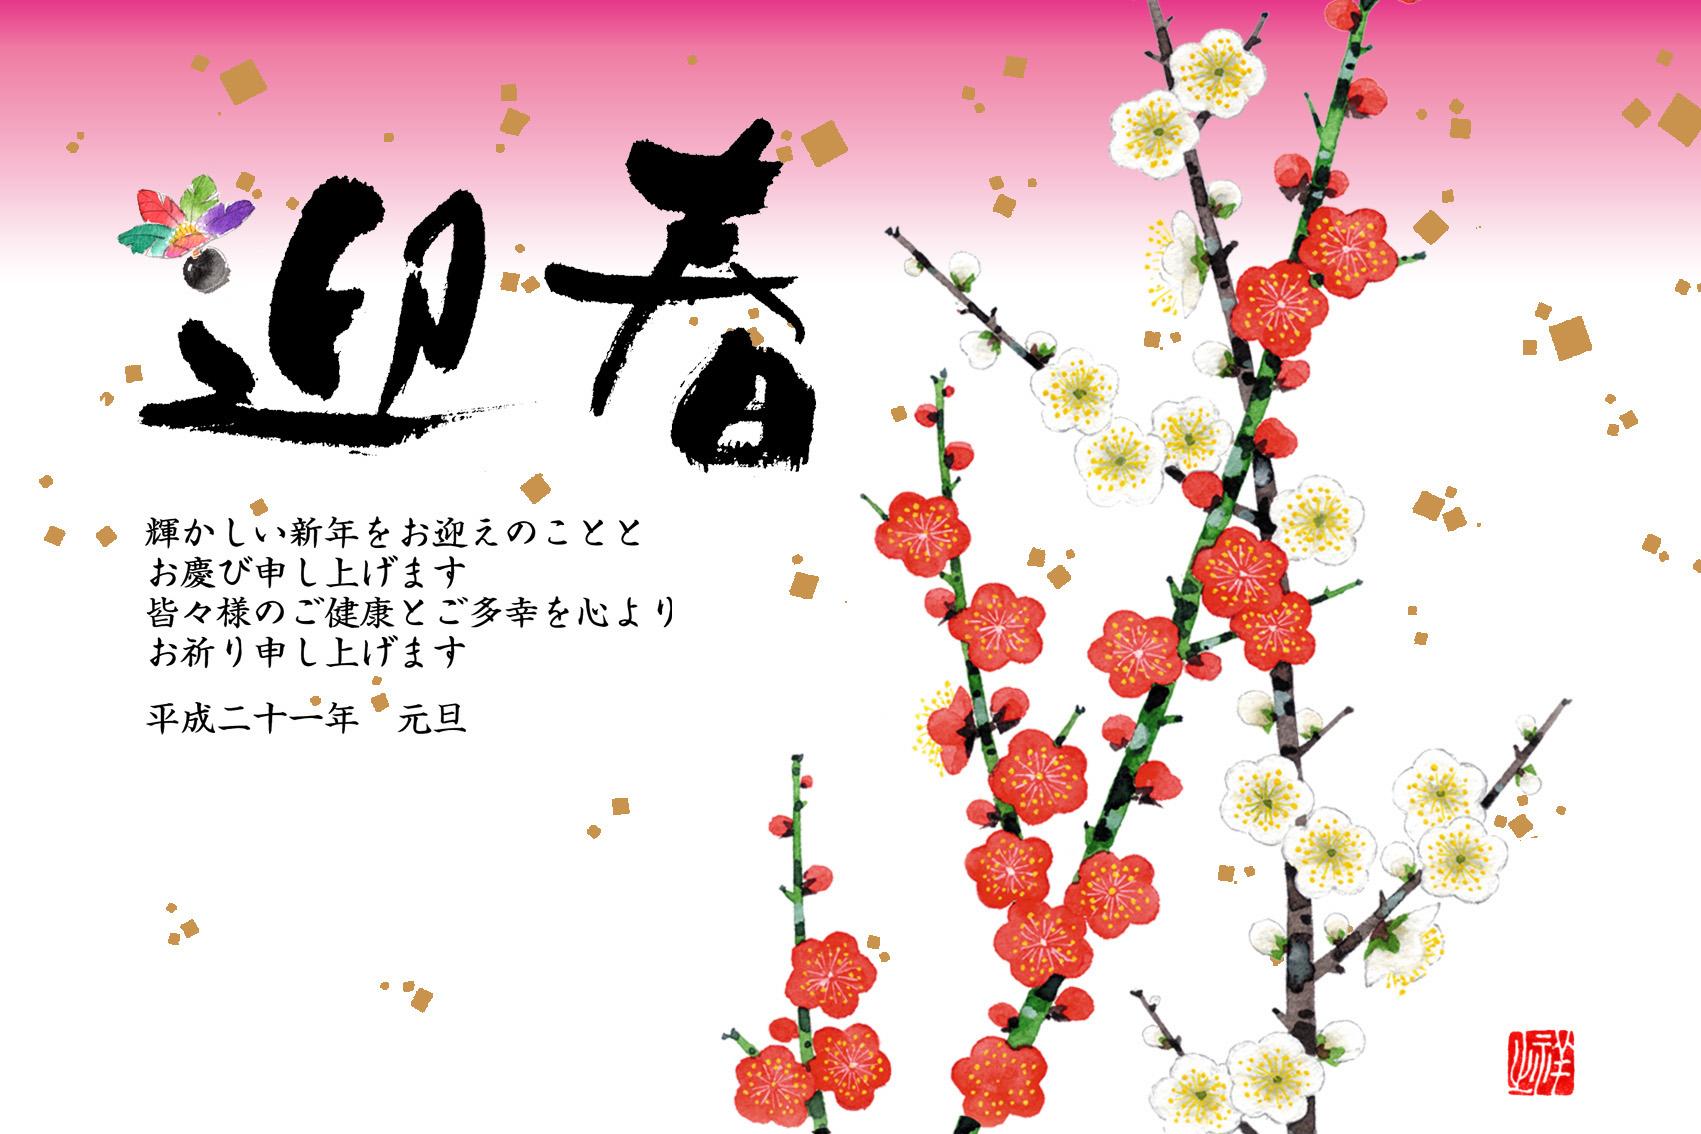 Поздравления по китайски с днем рождения мудрость